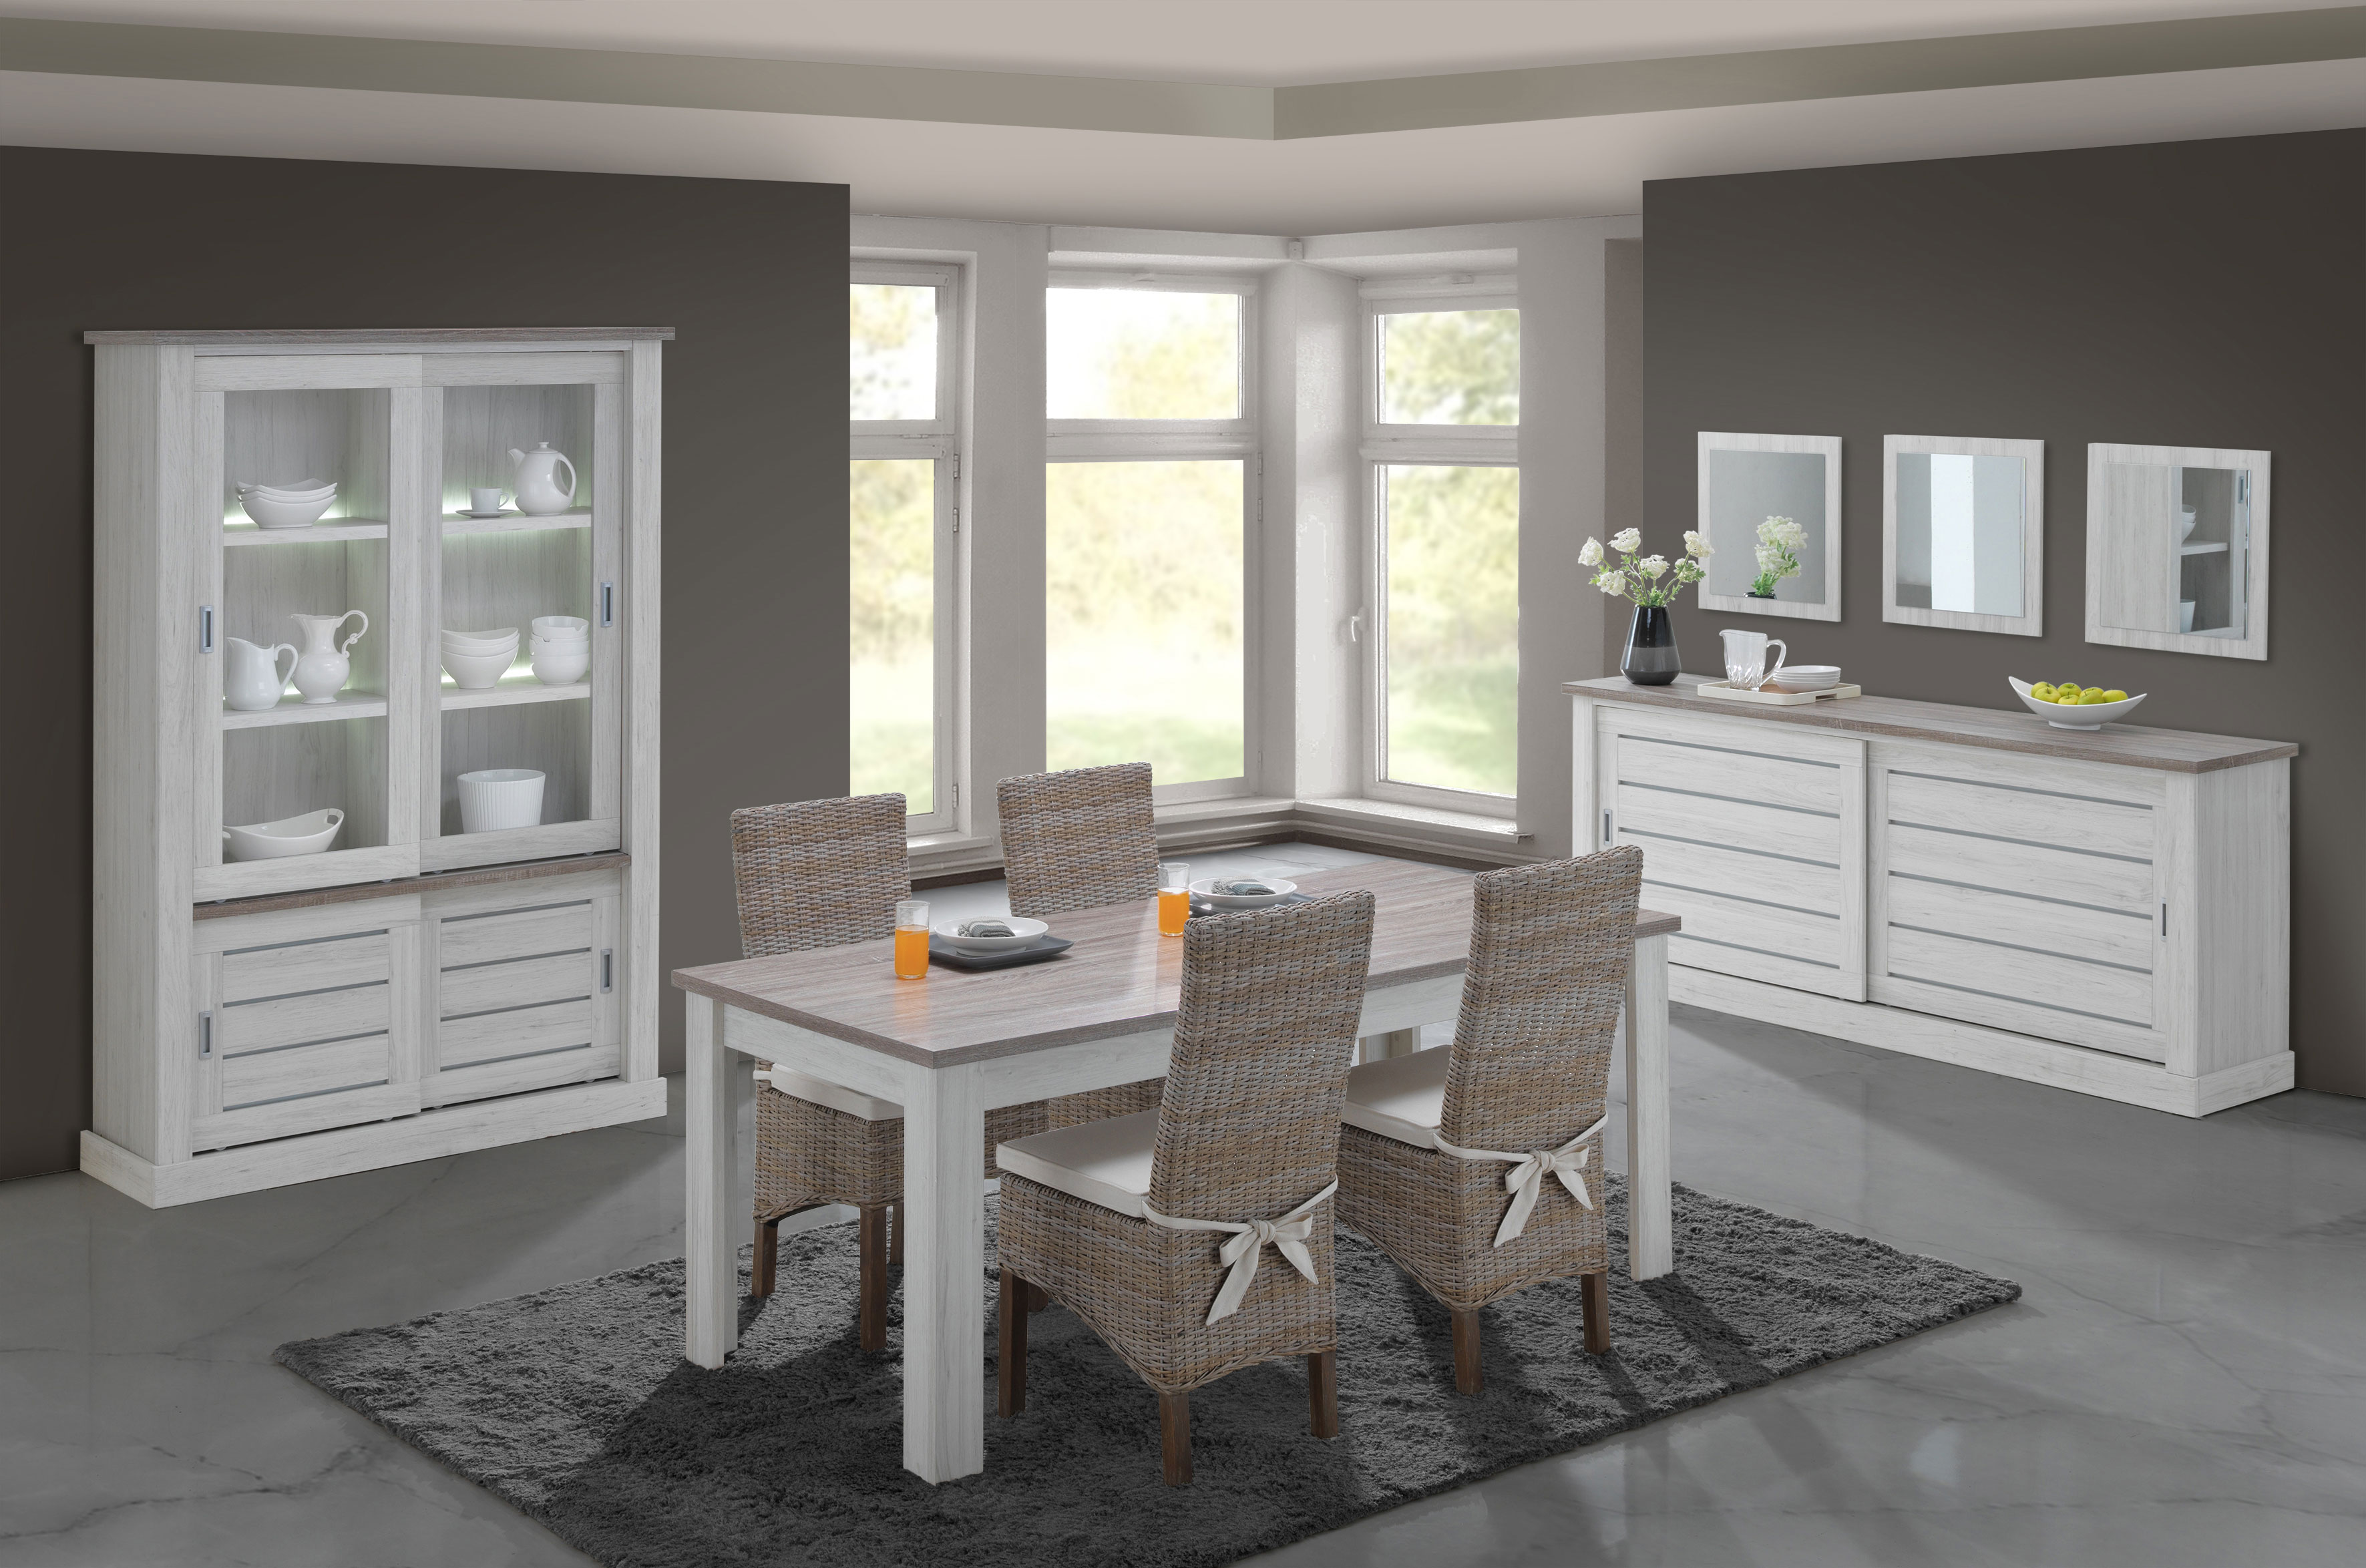 Salle à manger contemporaine coloris chêne clair/brun Adena